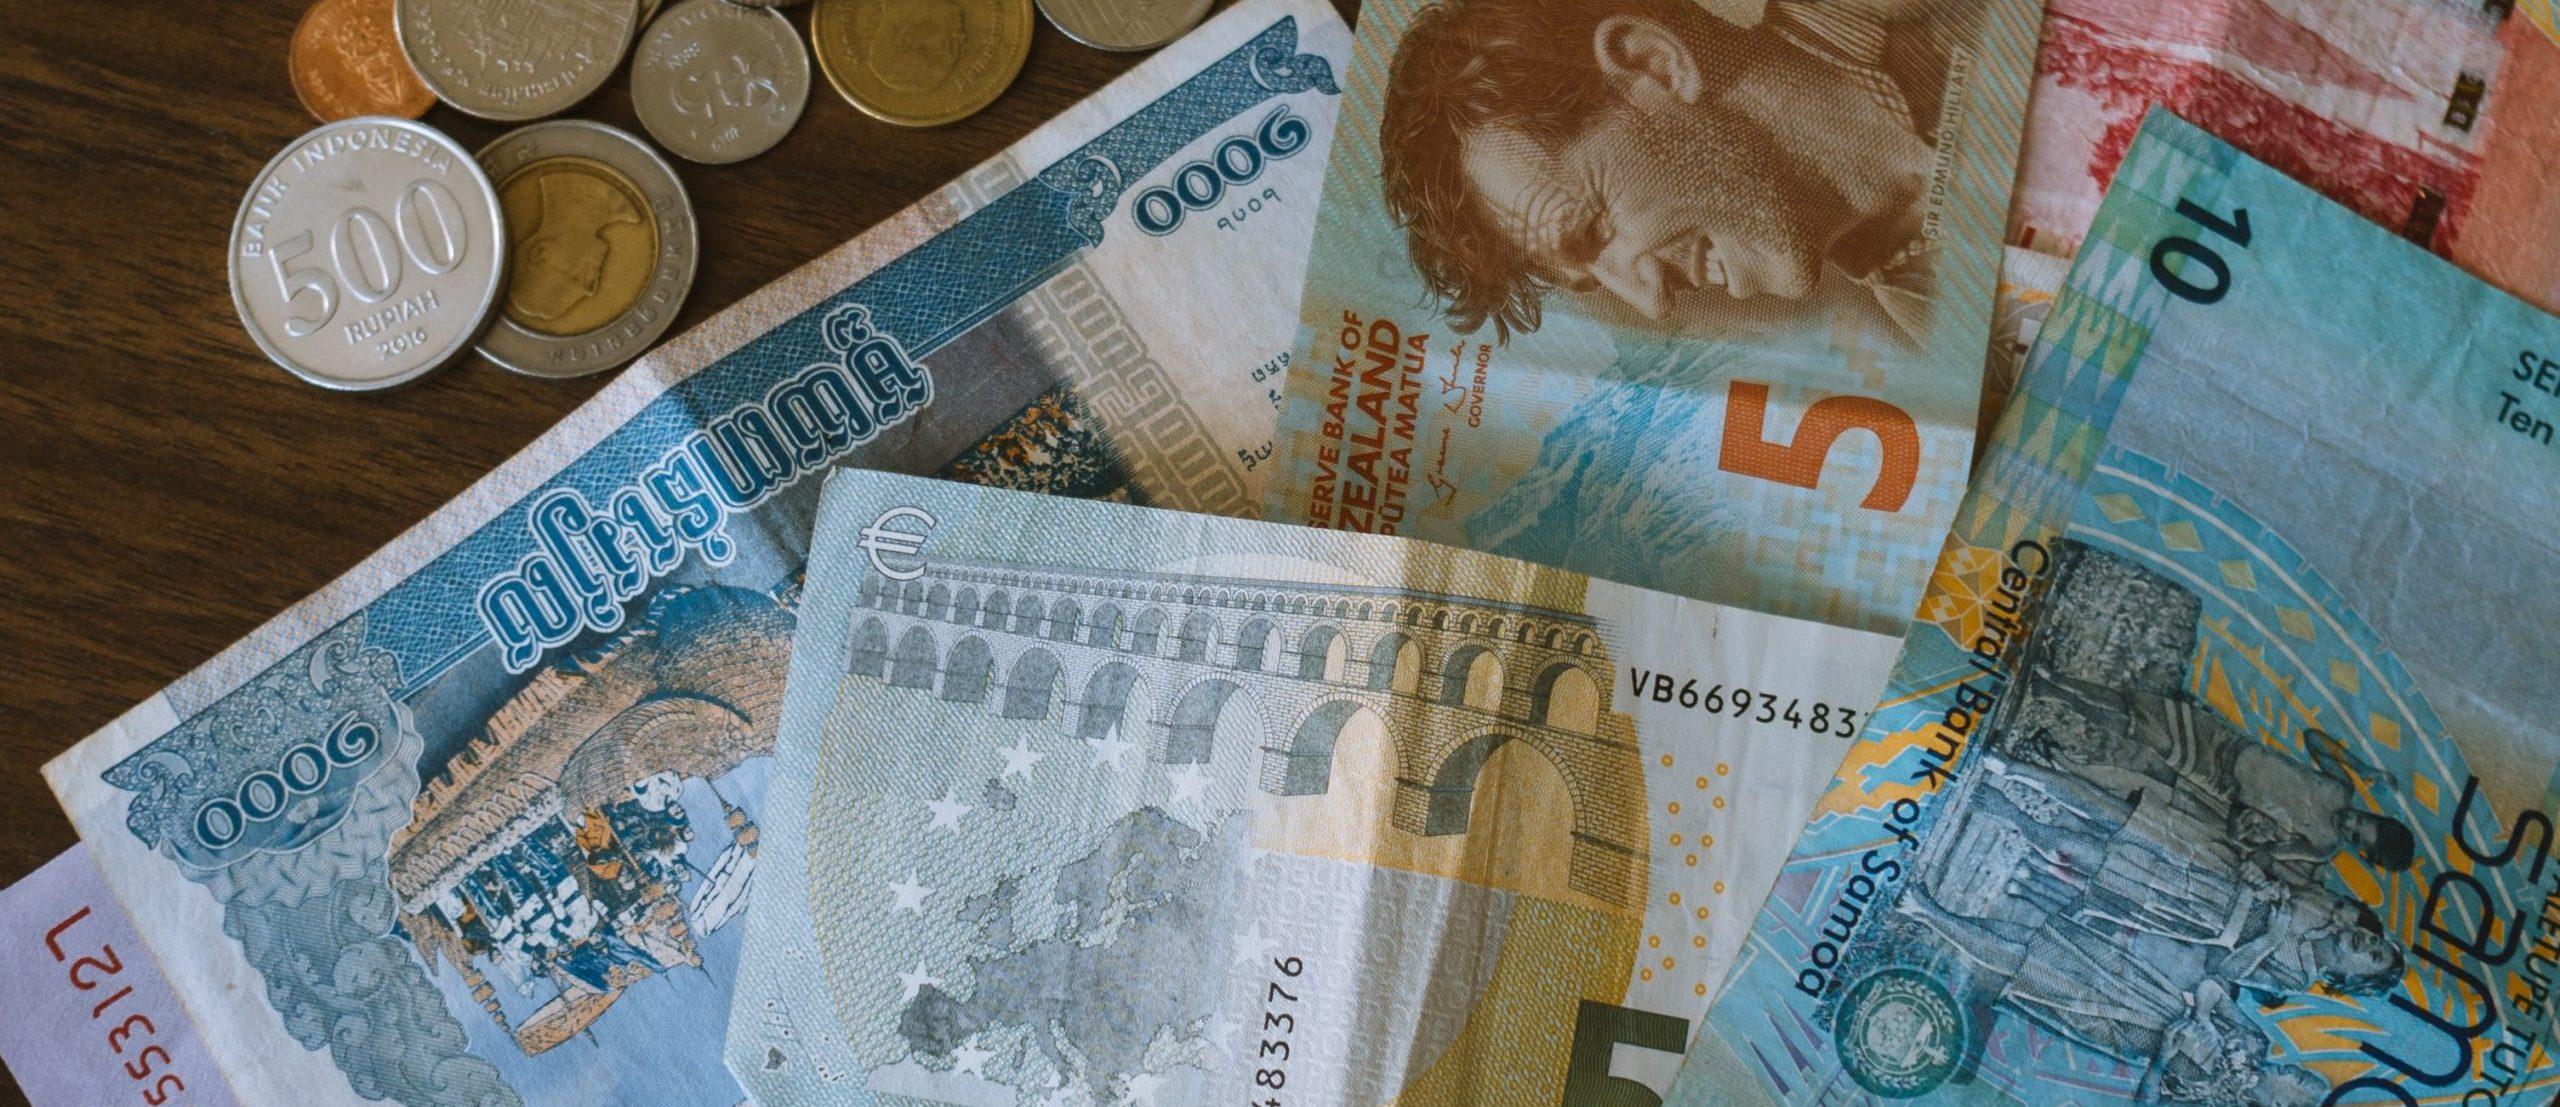 Money and Cashflow